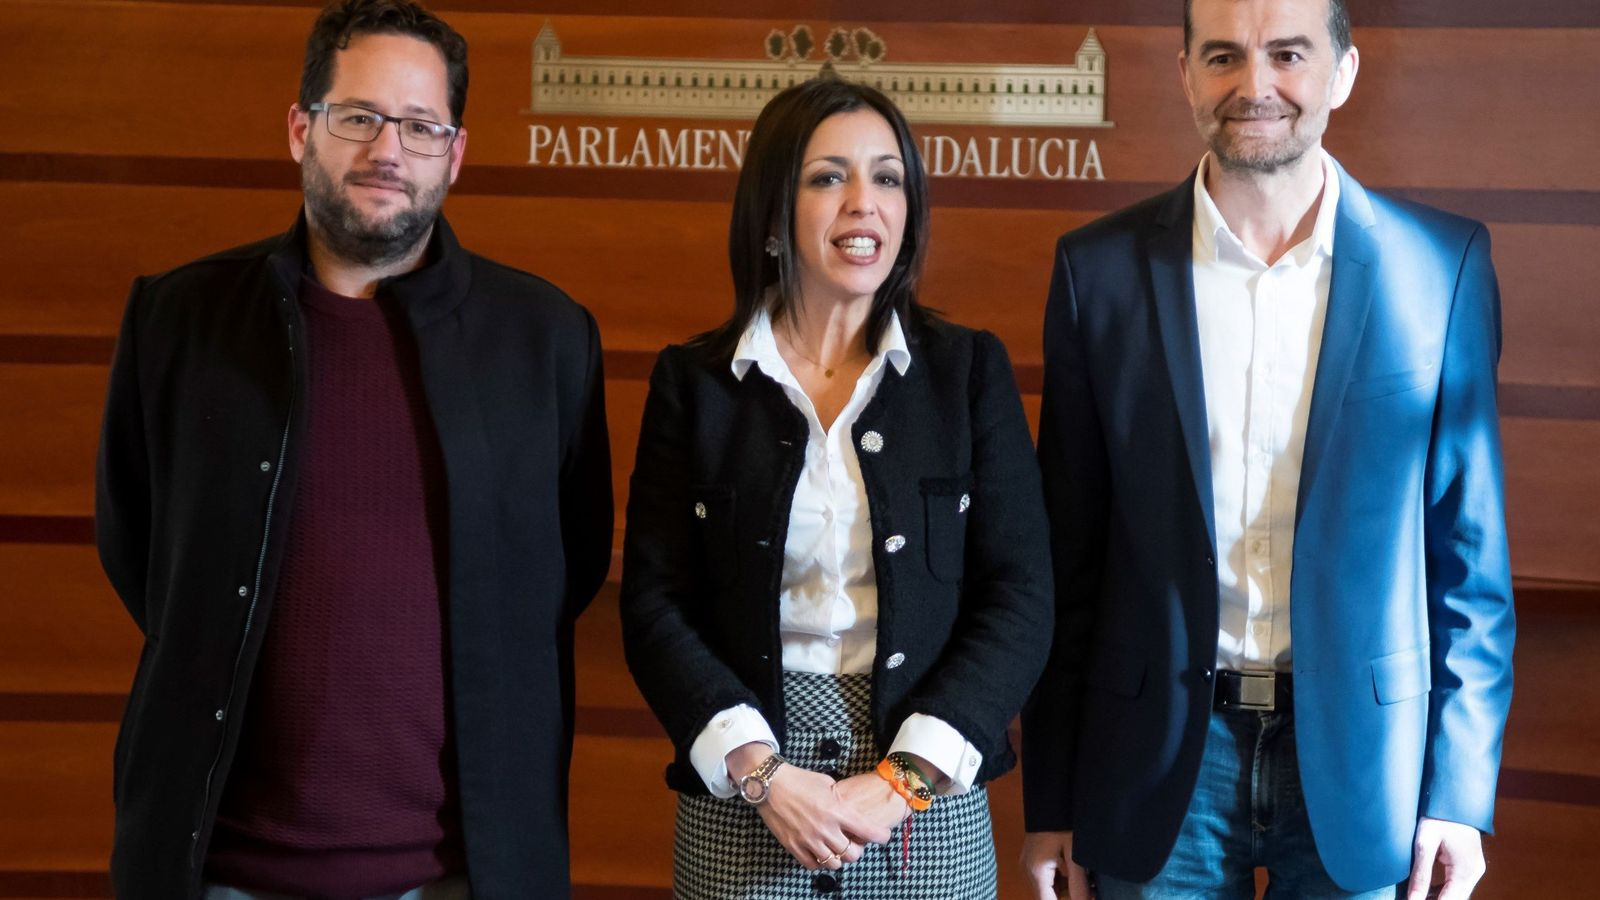 Foto: García (i), junto a la presidenta del Parlamento andaluz, Marta Bosquet, y el exlíder de IU (d). (EFE)